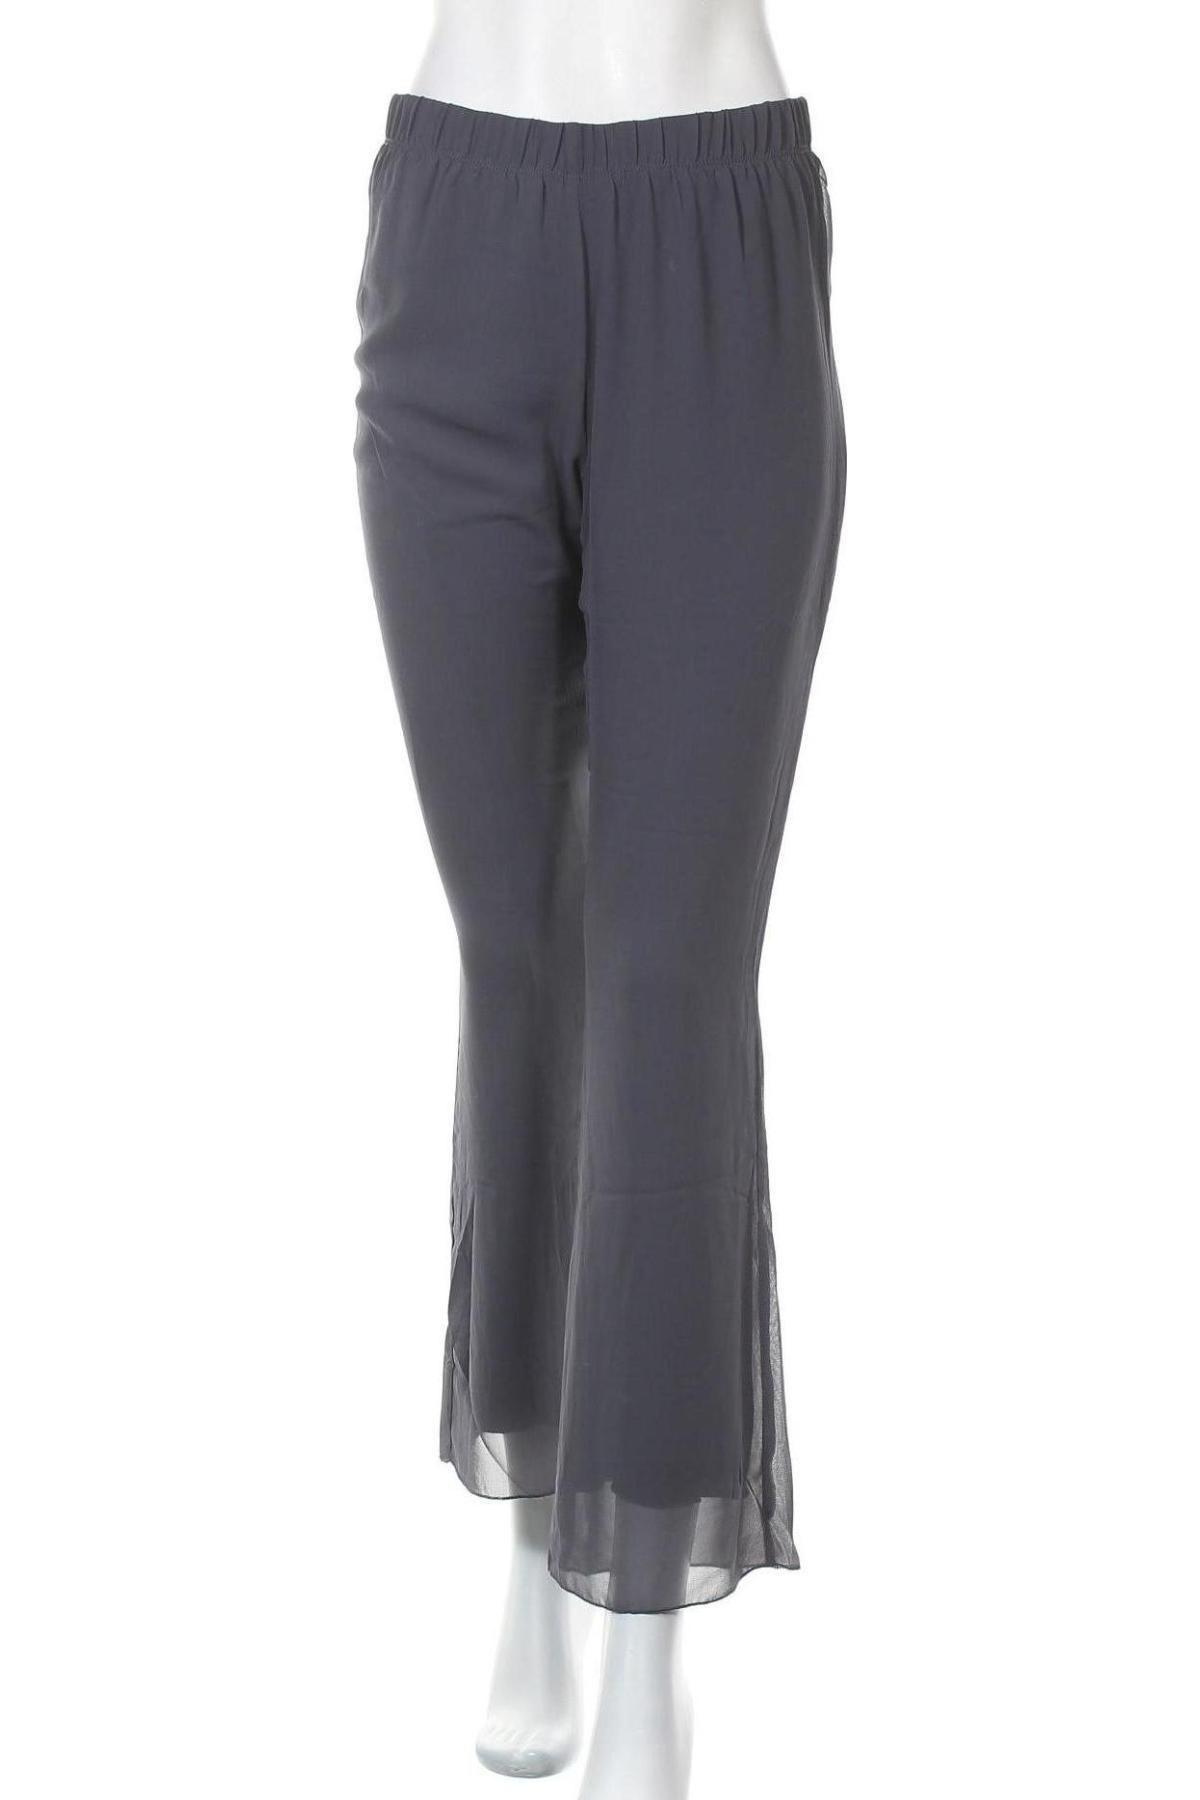 Дамски панталон Myrine, Размер S, Цвят Син, 100% полиестер, Цена 31,00лв.